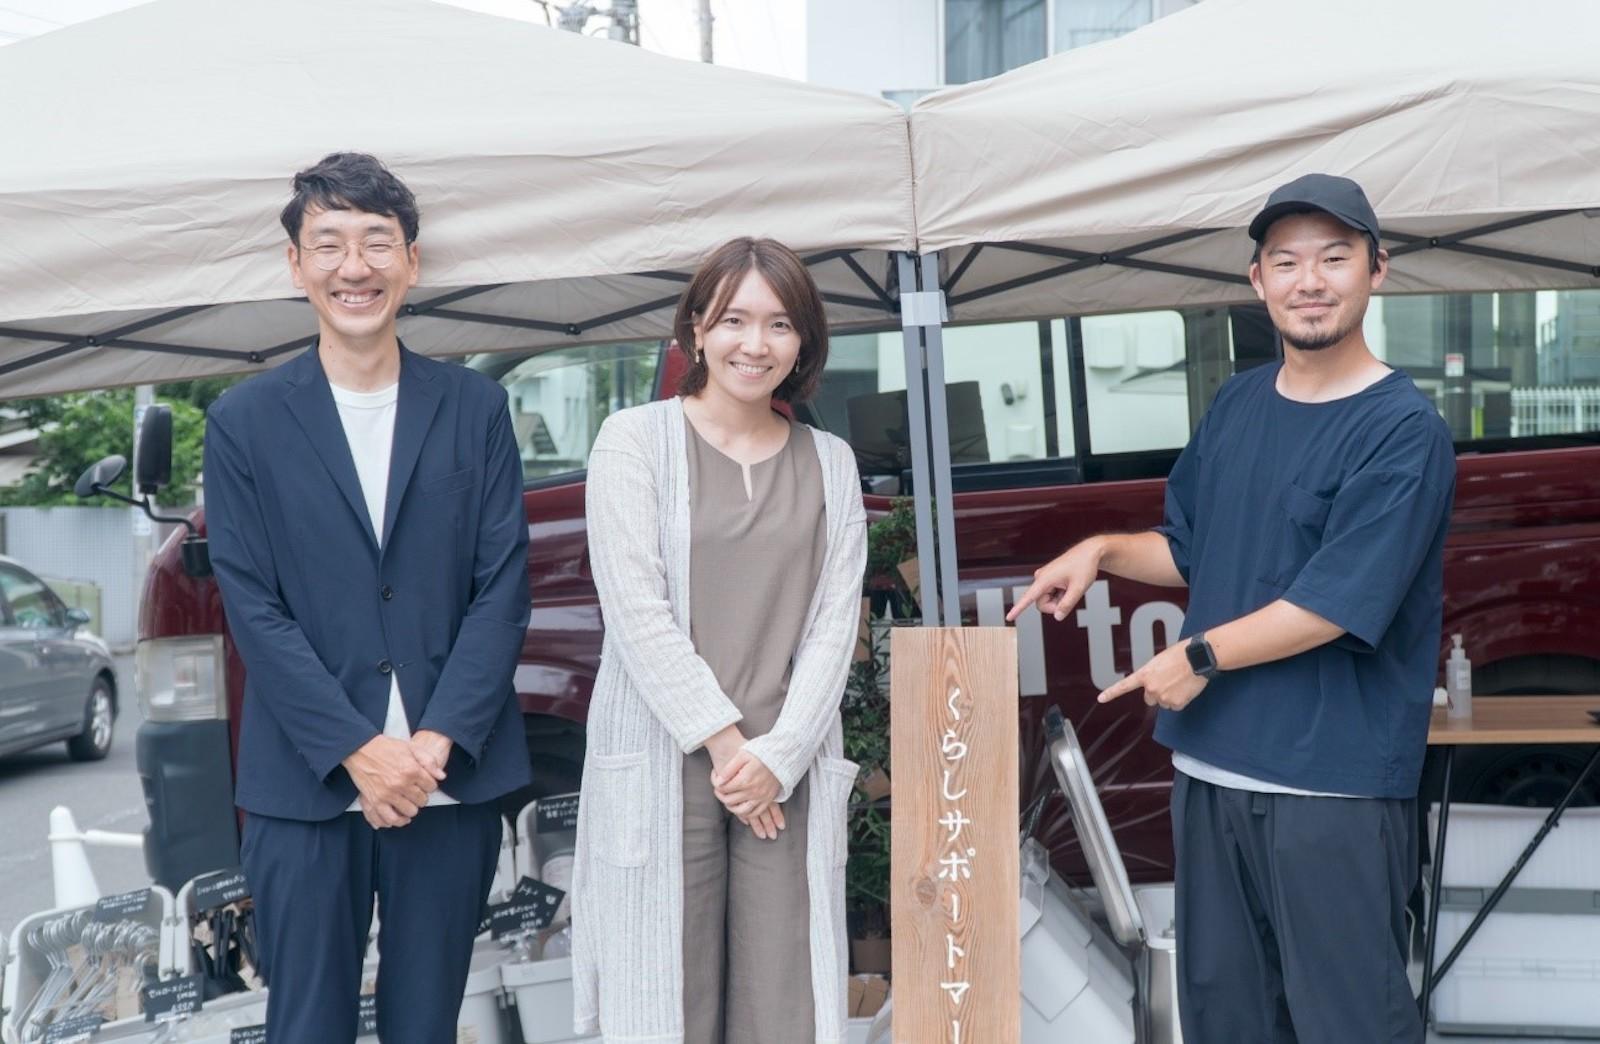 左から住まいの松栄 酒井洋輔さん、東急 木所彩さん、無印良品有明 新井亨さん